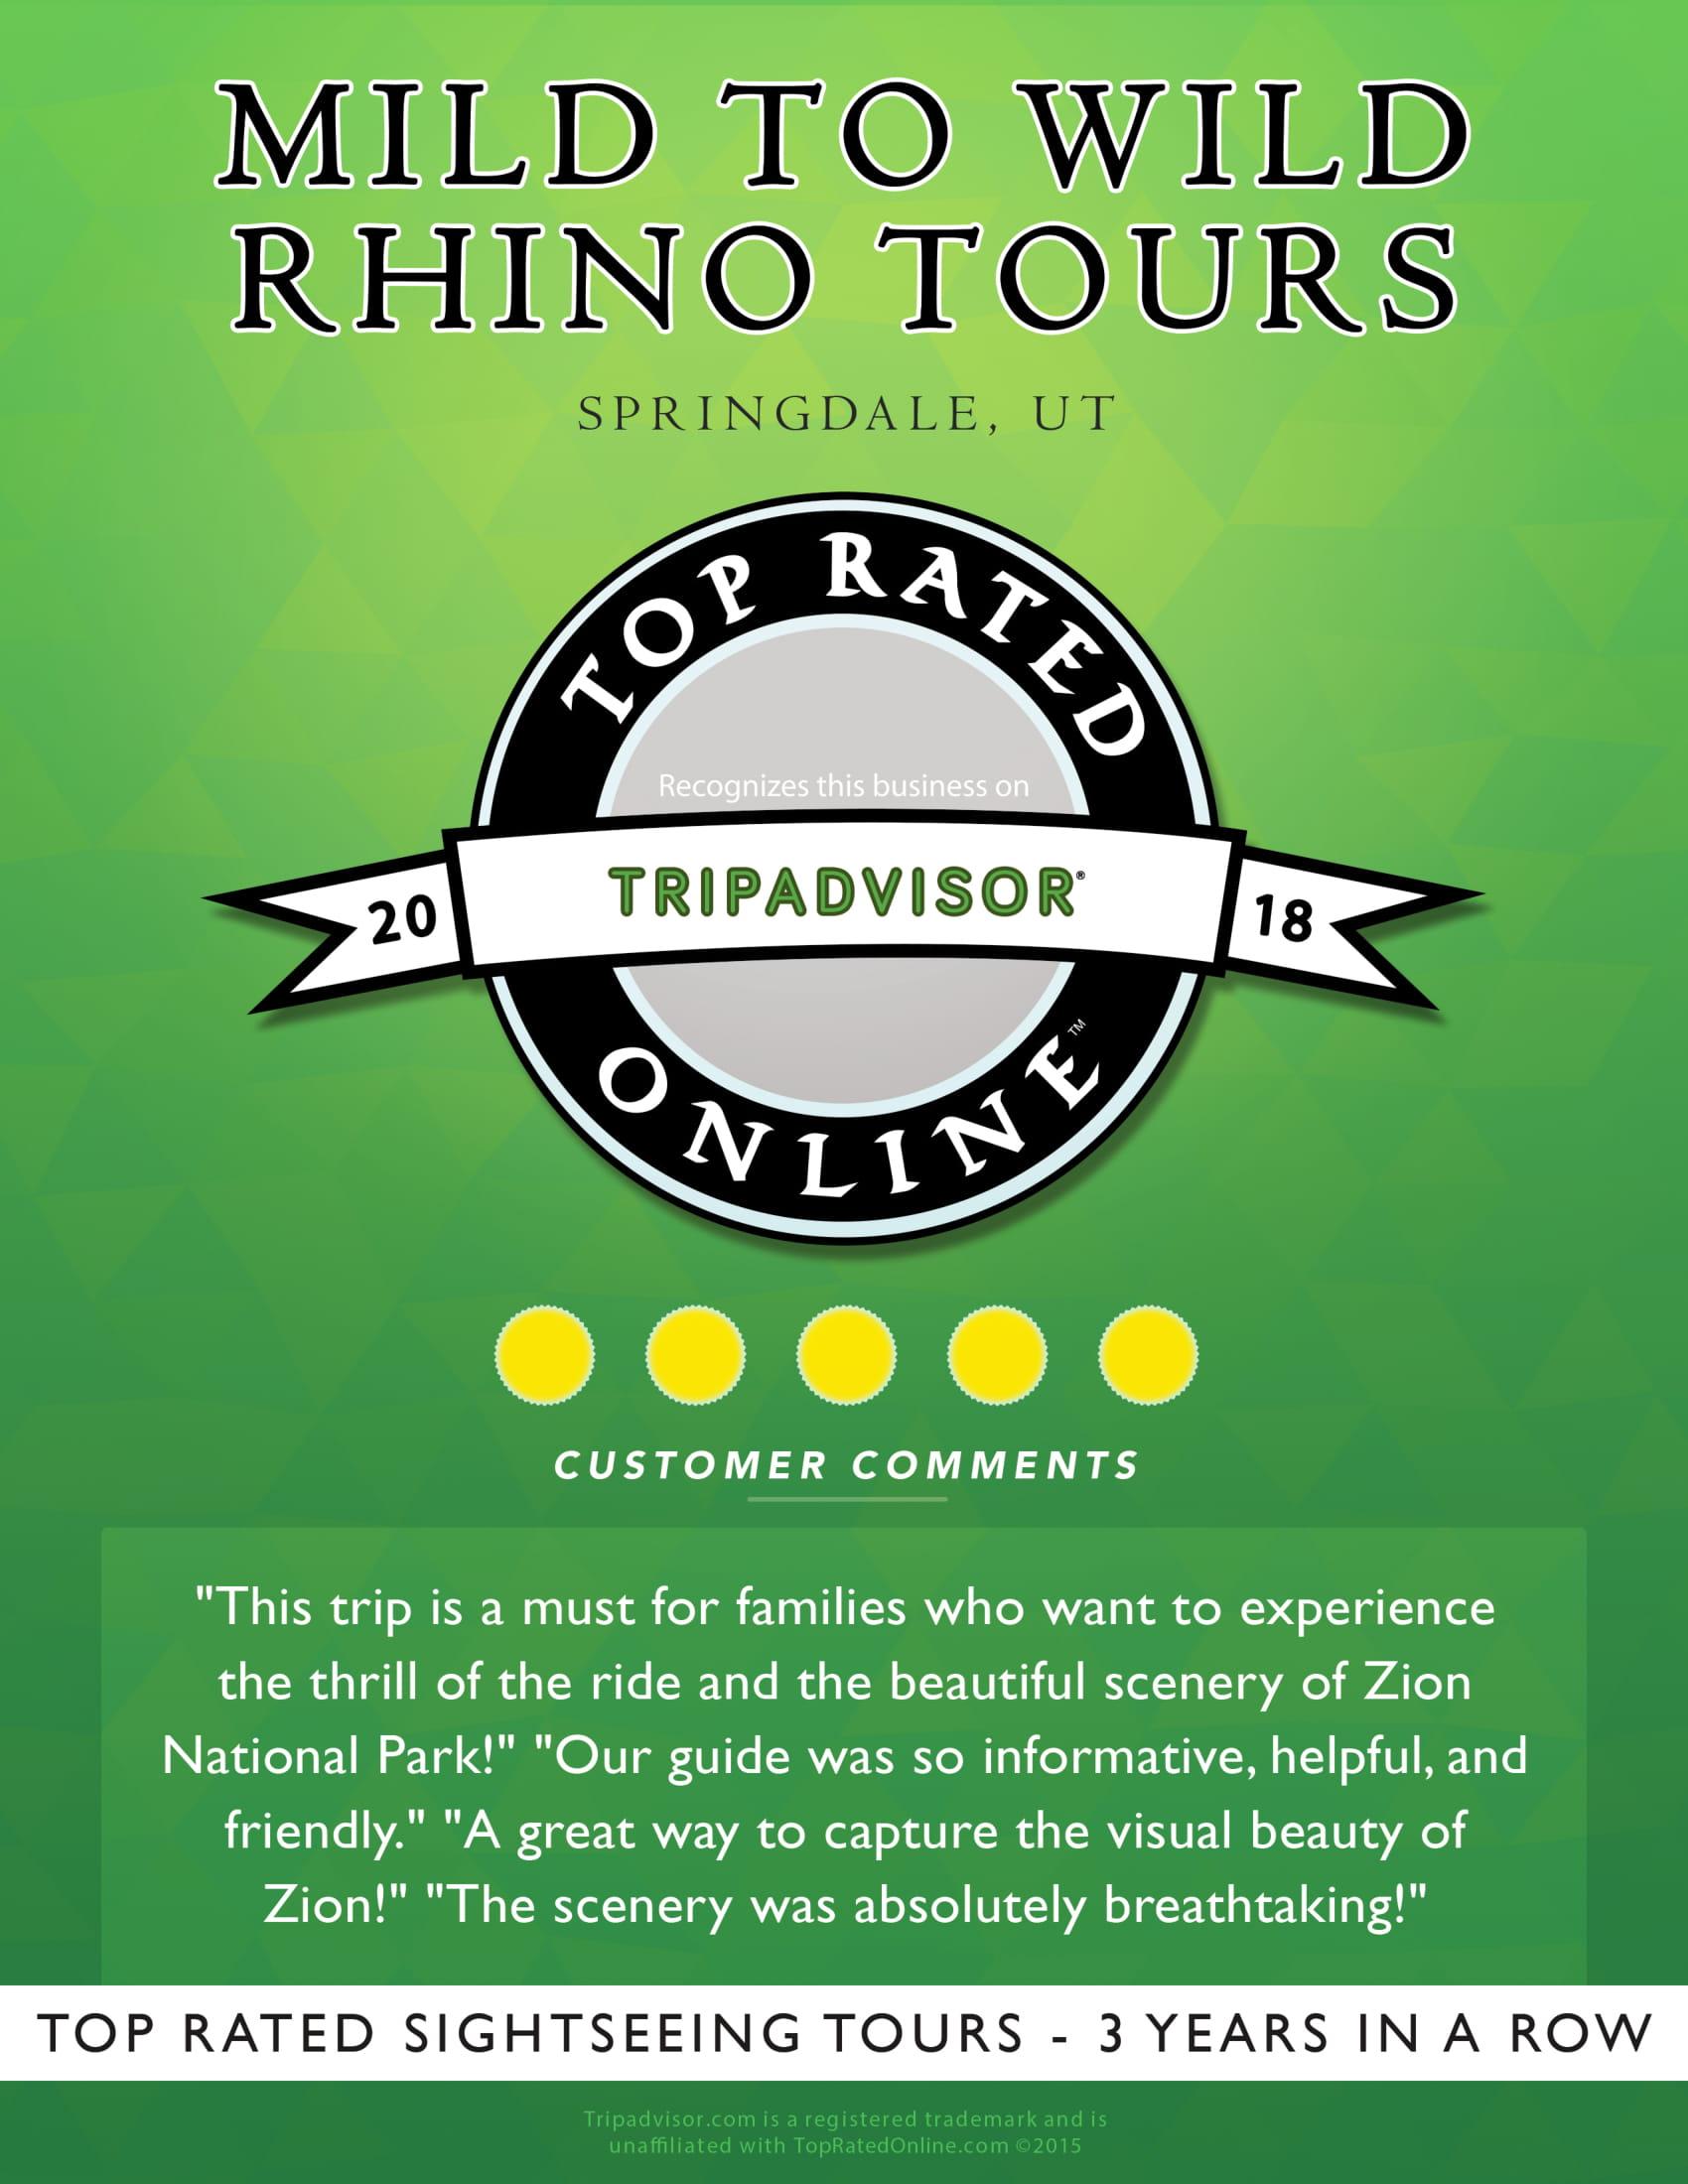 Mild to Wild Rhino Tours 18 TA 11x13-1